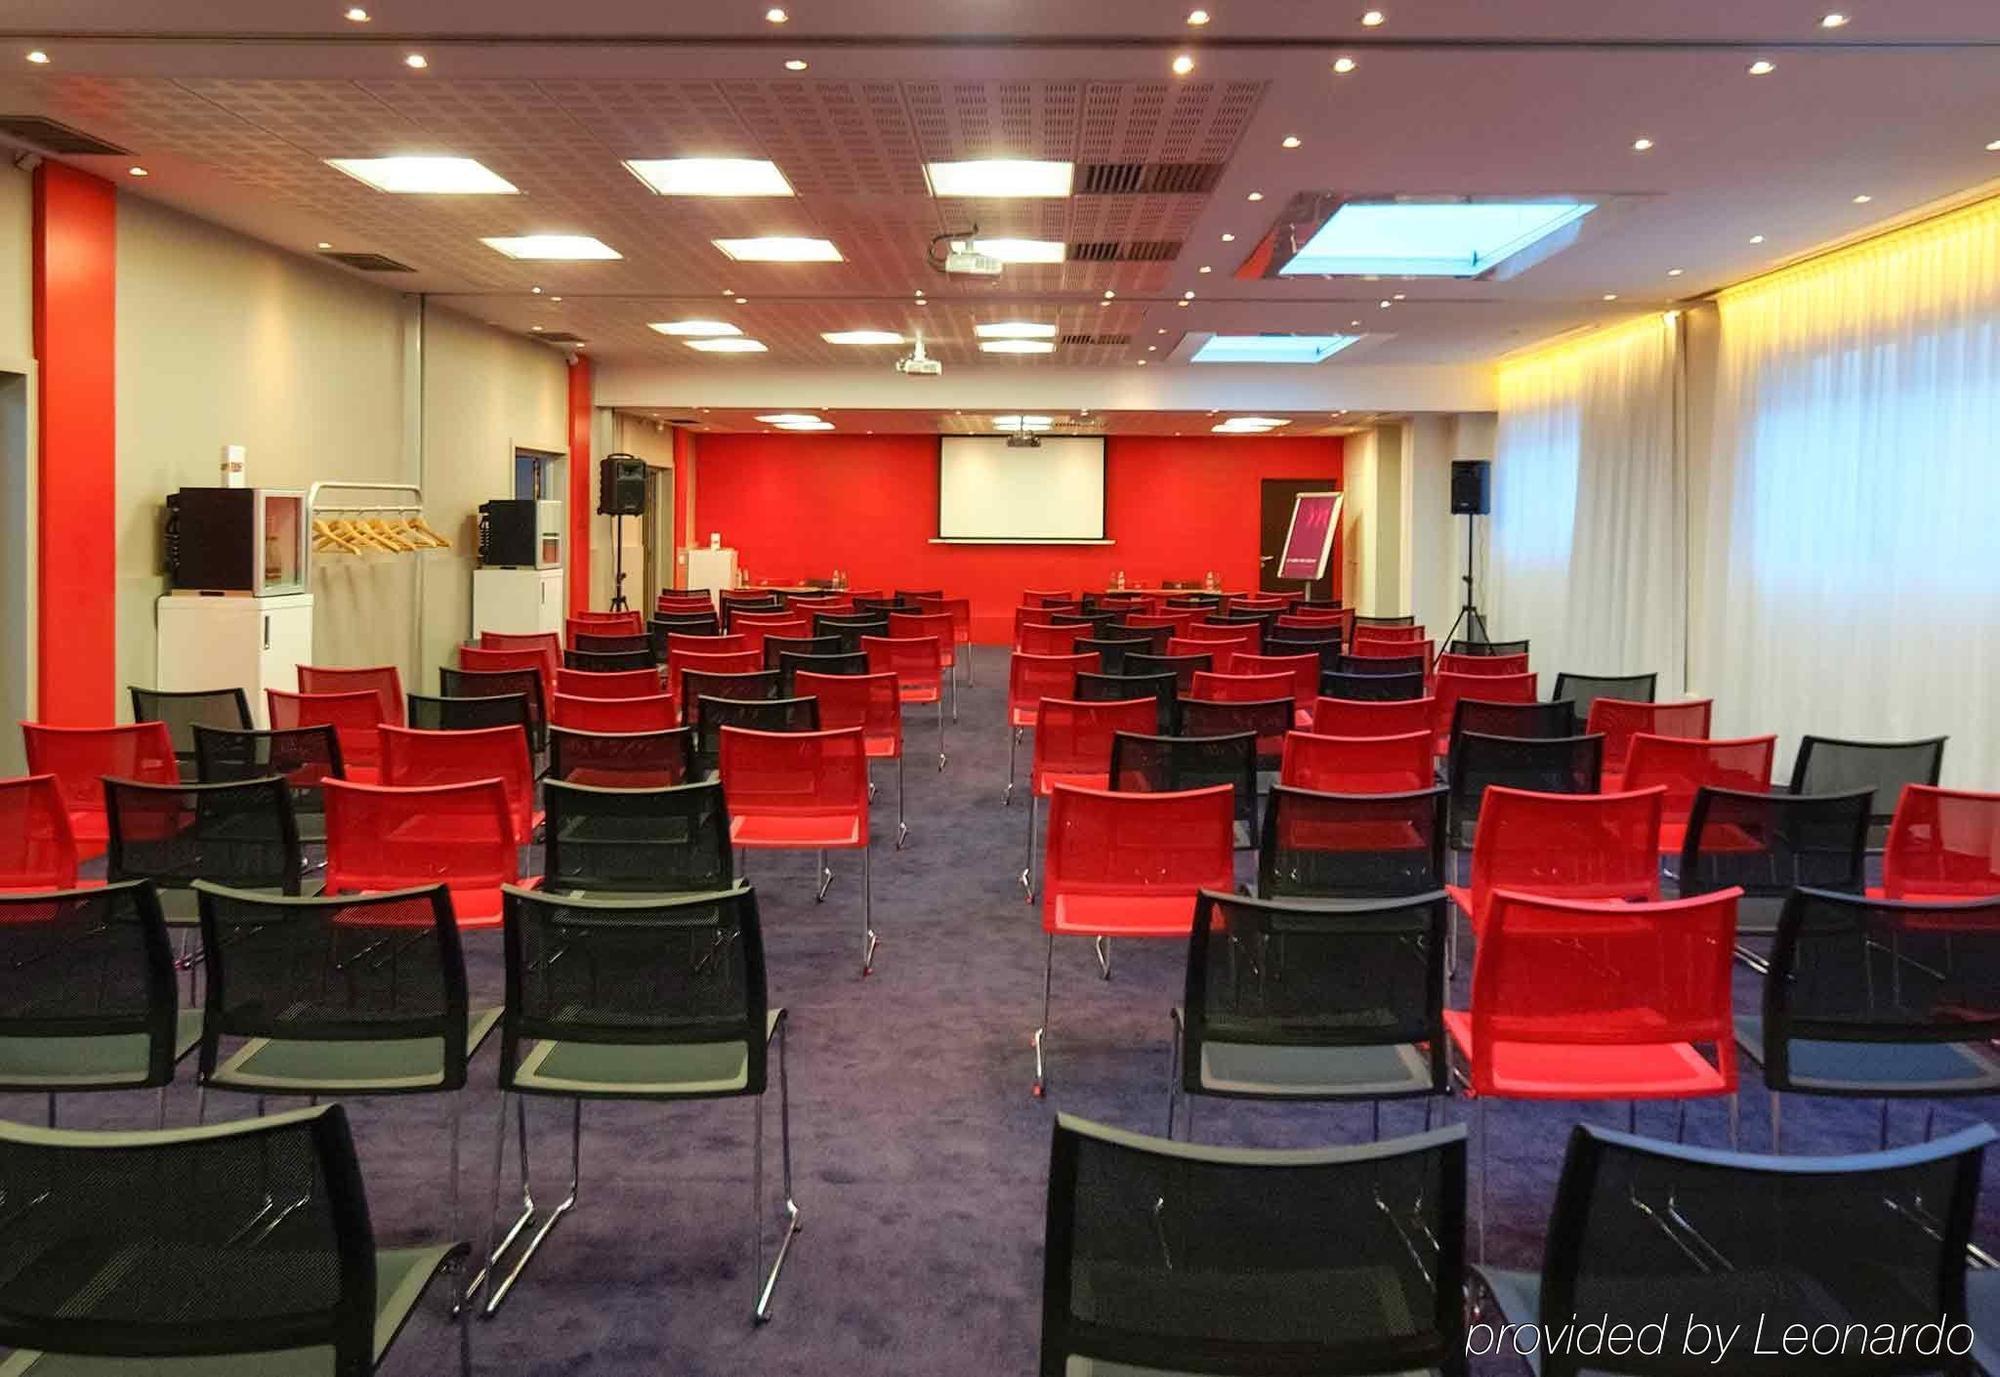 Nantes (Pays de la Loire): Mercure Nantes Centre Gare Hotel completely refurbished